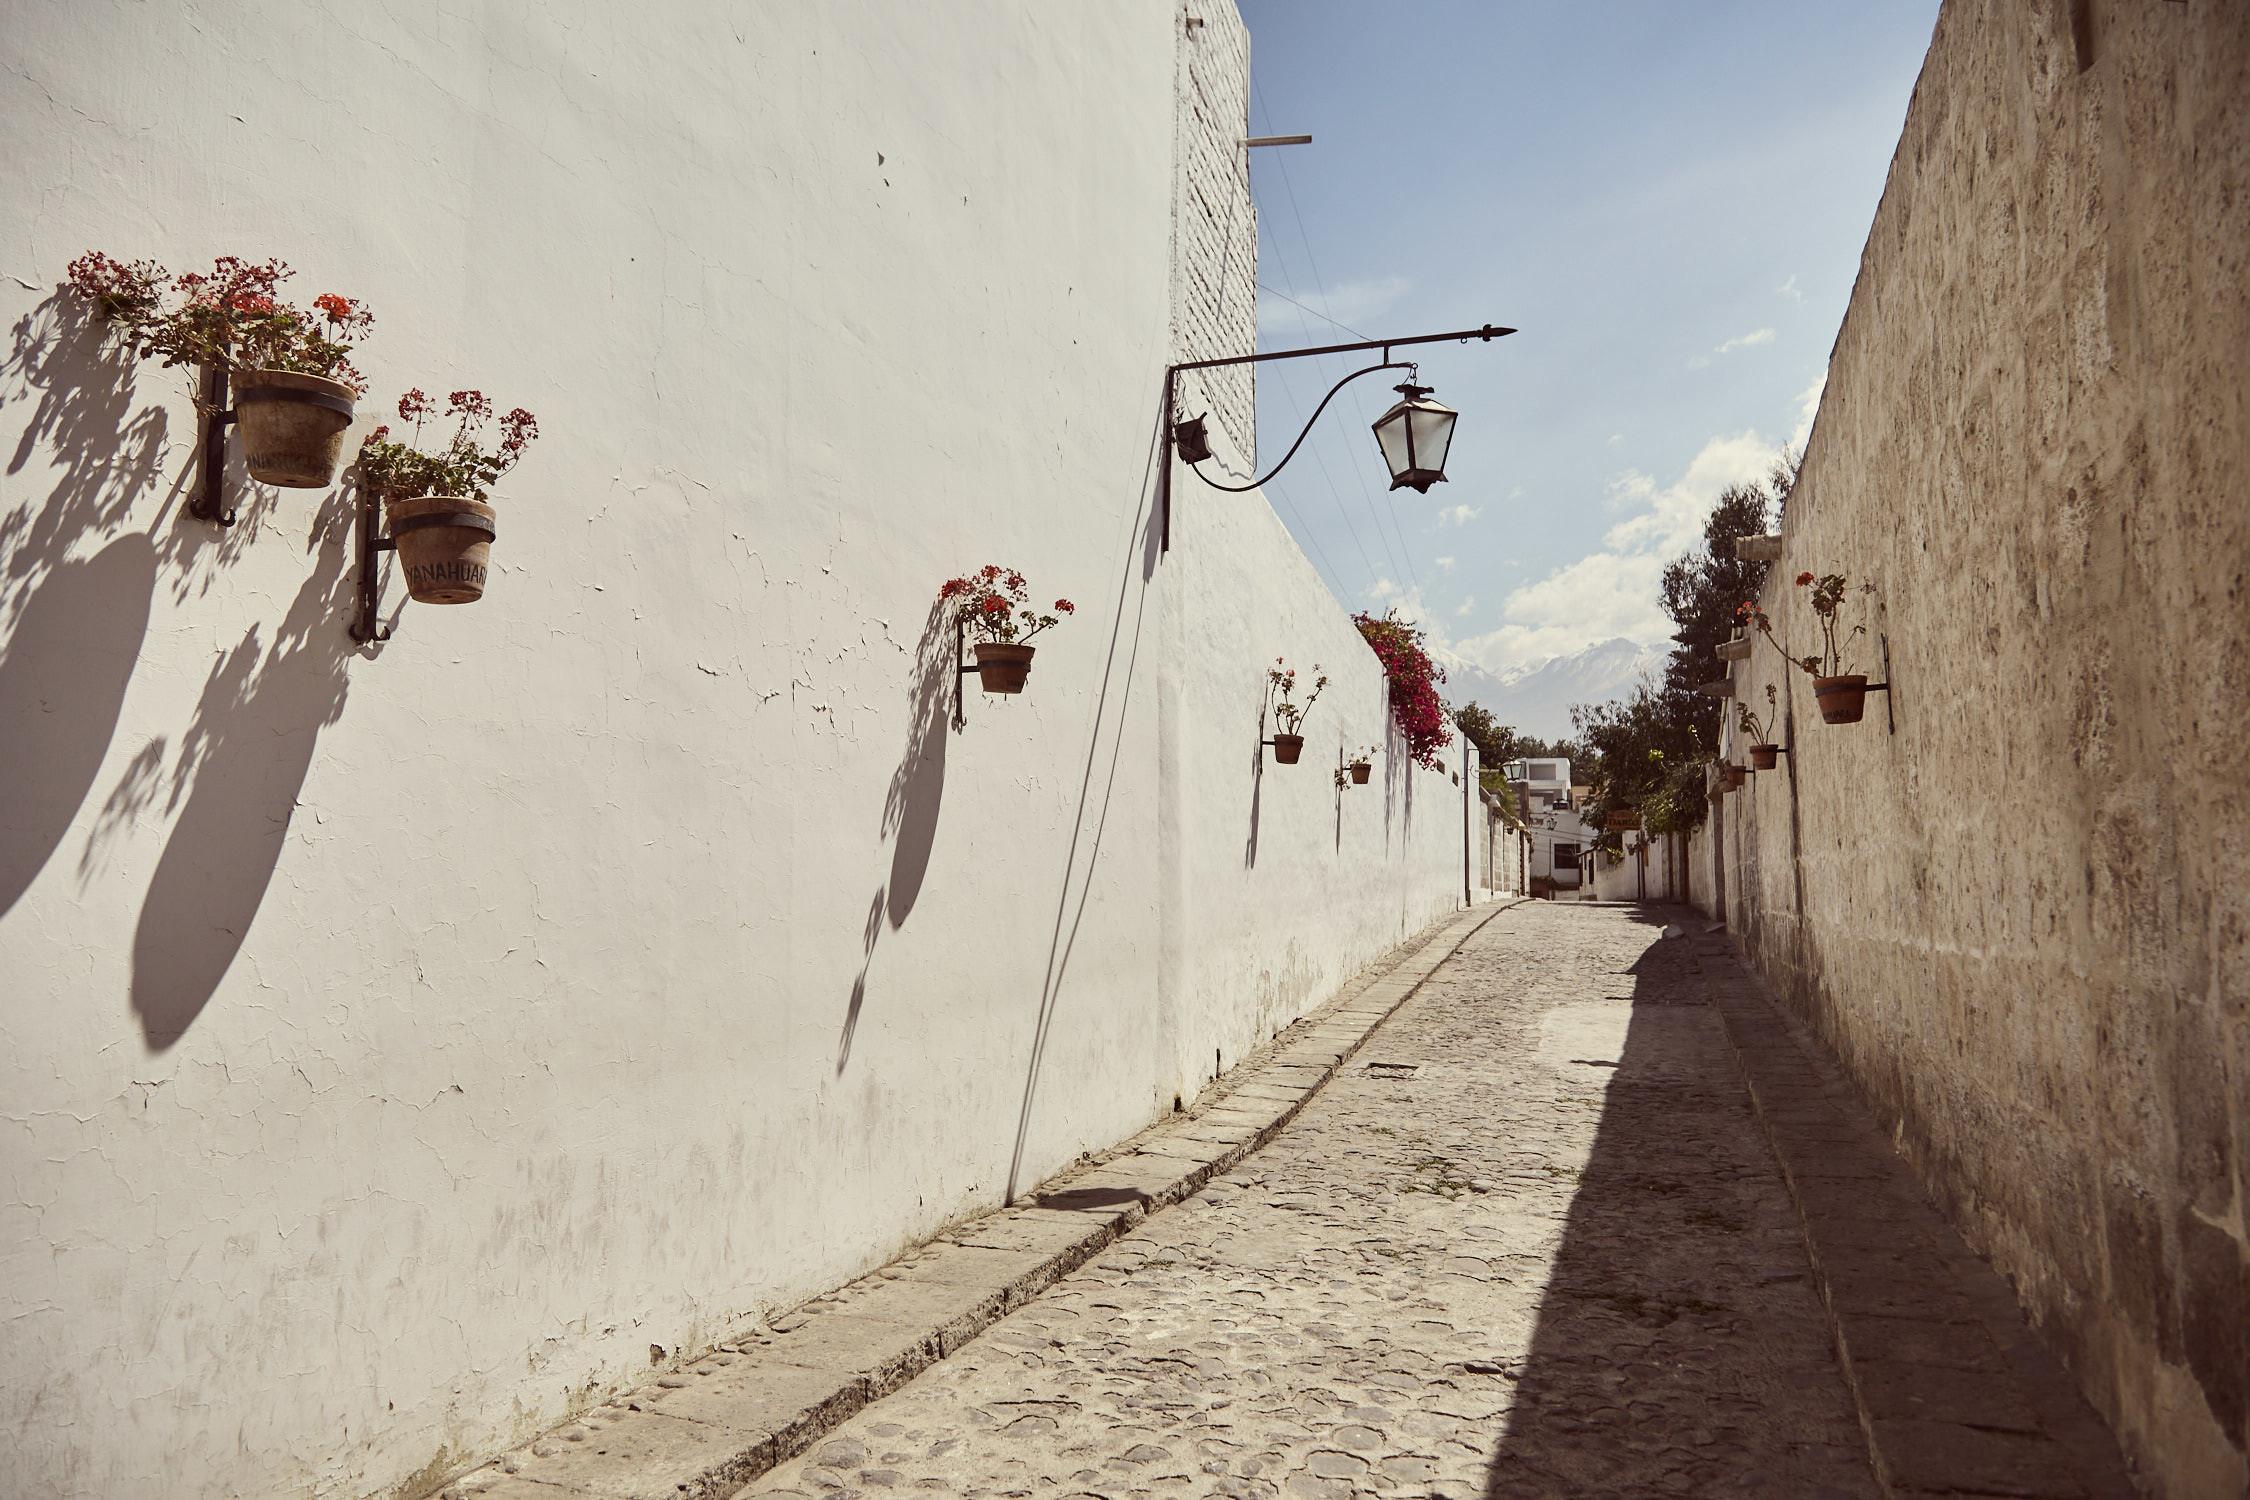 Das Stadtviertel Yanahuara, viele weiße Wände, geschmückt mit Blumen, ein sehr schöner Teil von Arequipa